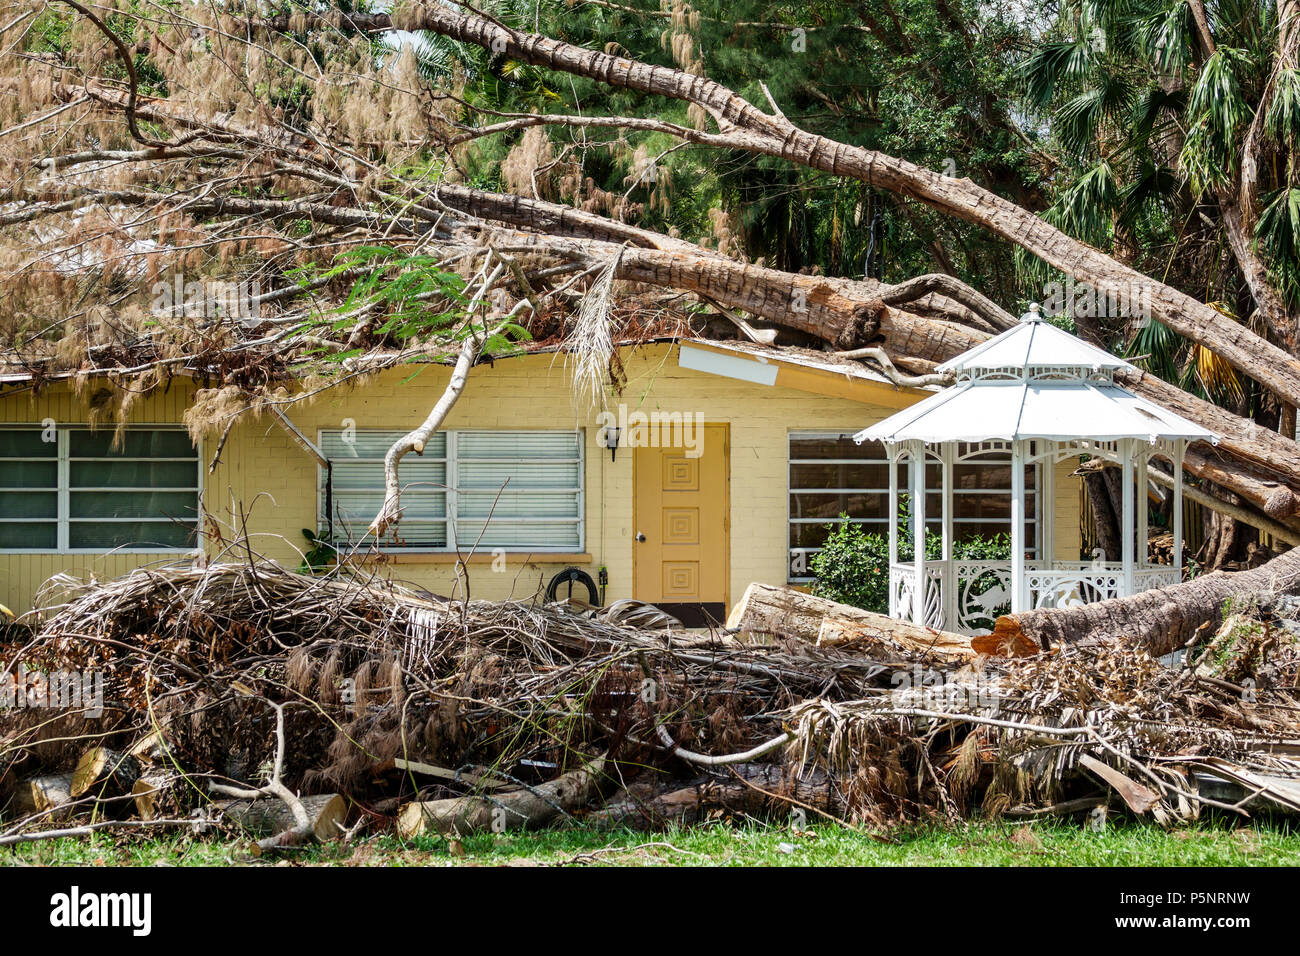 Fort Ft. Myers Florida Haus Home Residenz Sturmschäden Zerstörung nach gefallenen Baum Hurrikan Irma beschädigtes Dach Baumstamm Stockbild